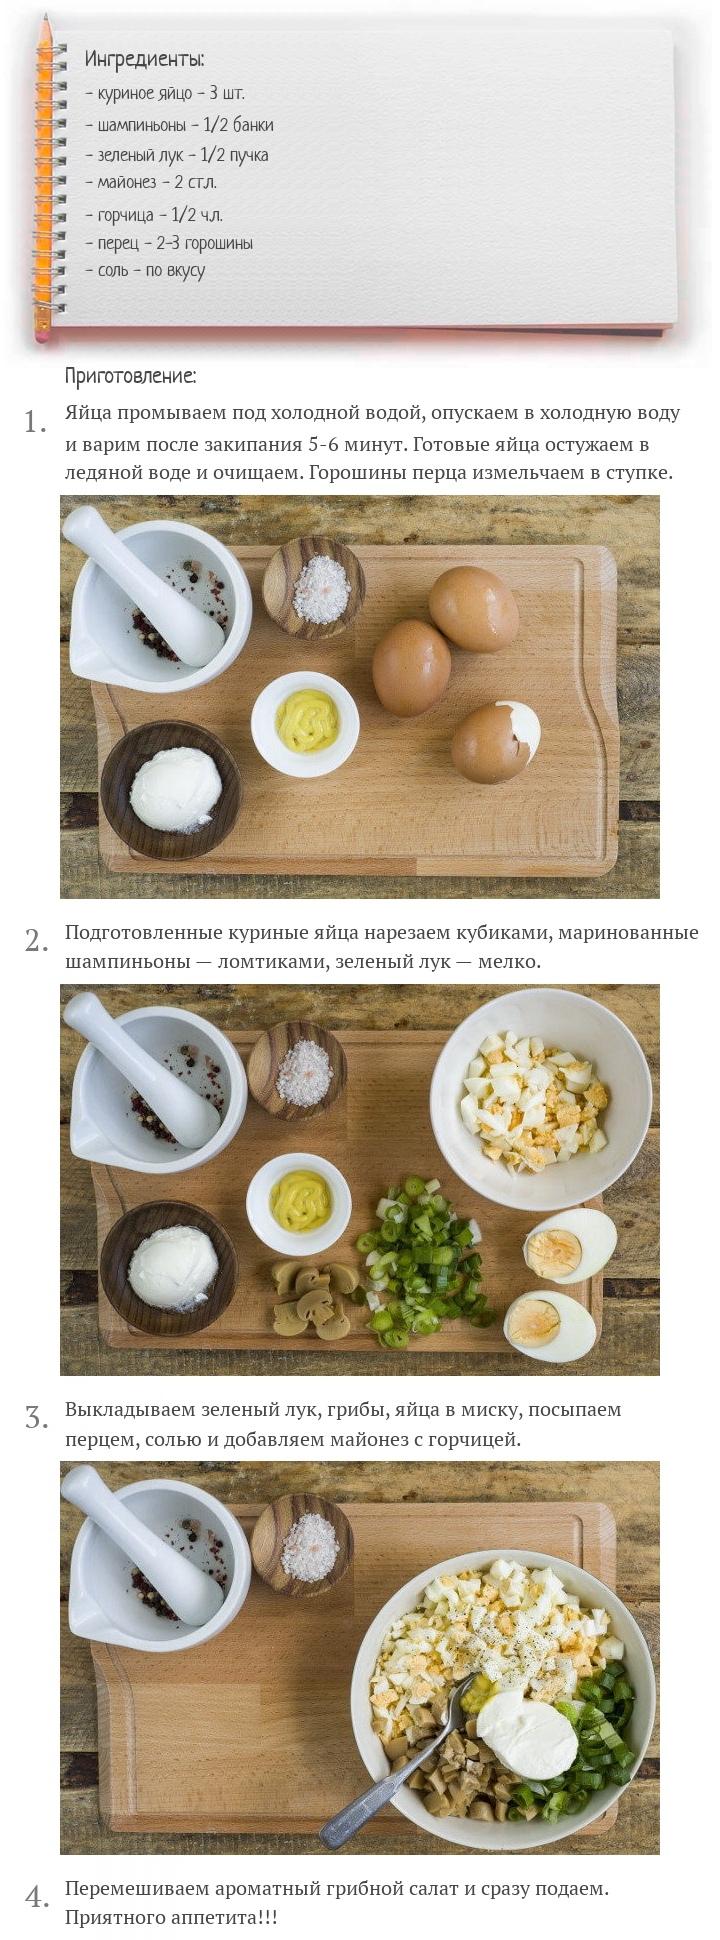 Салат с маринованными грибами и яйцами, изображение №2